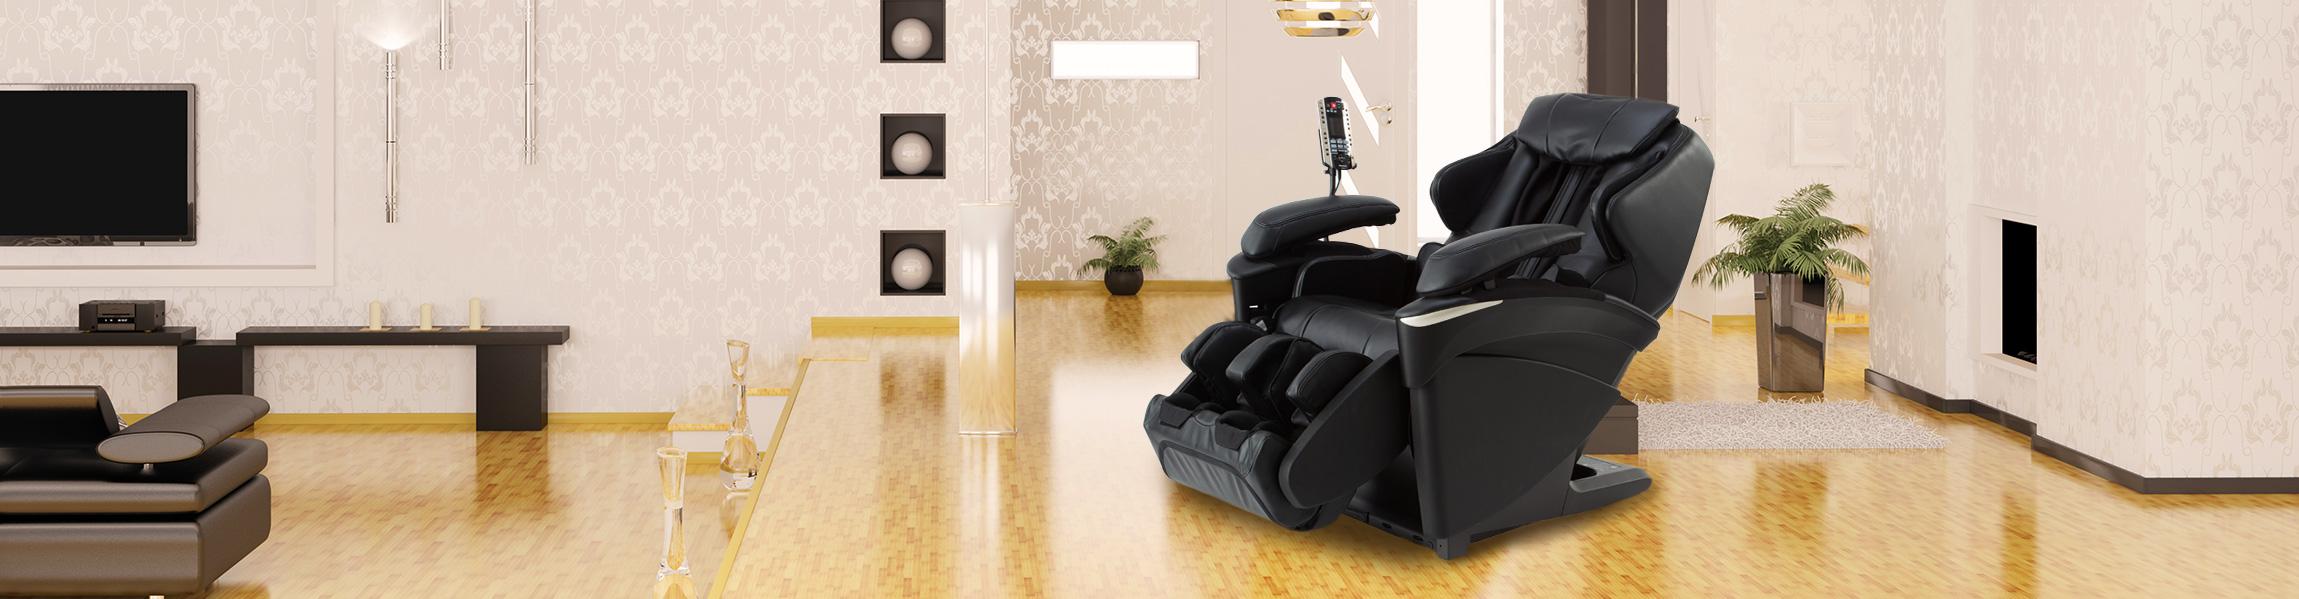 FFLBrands Massage Chair